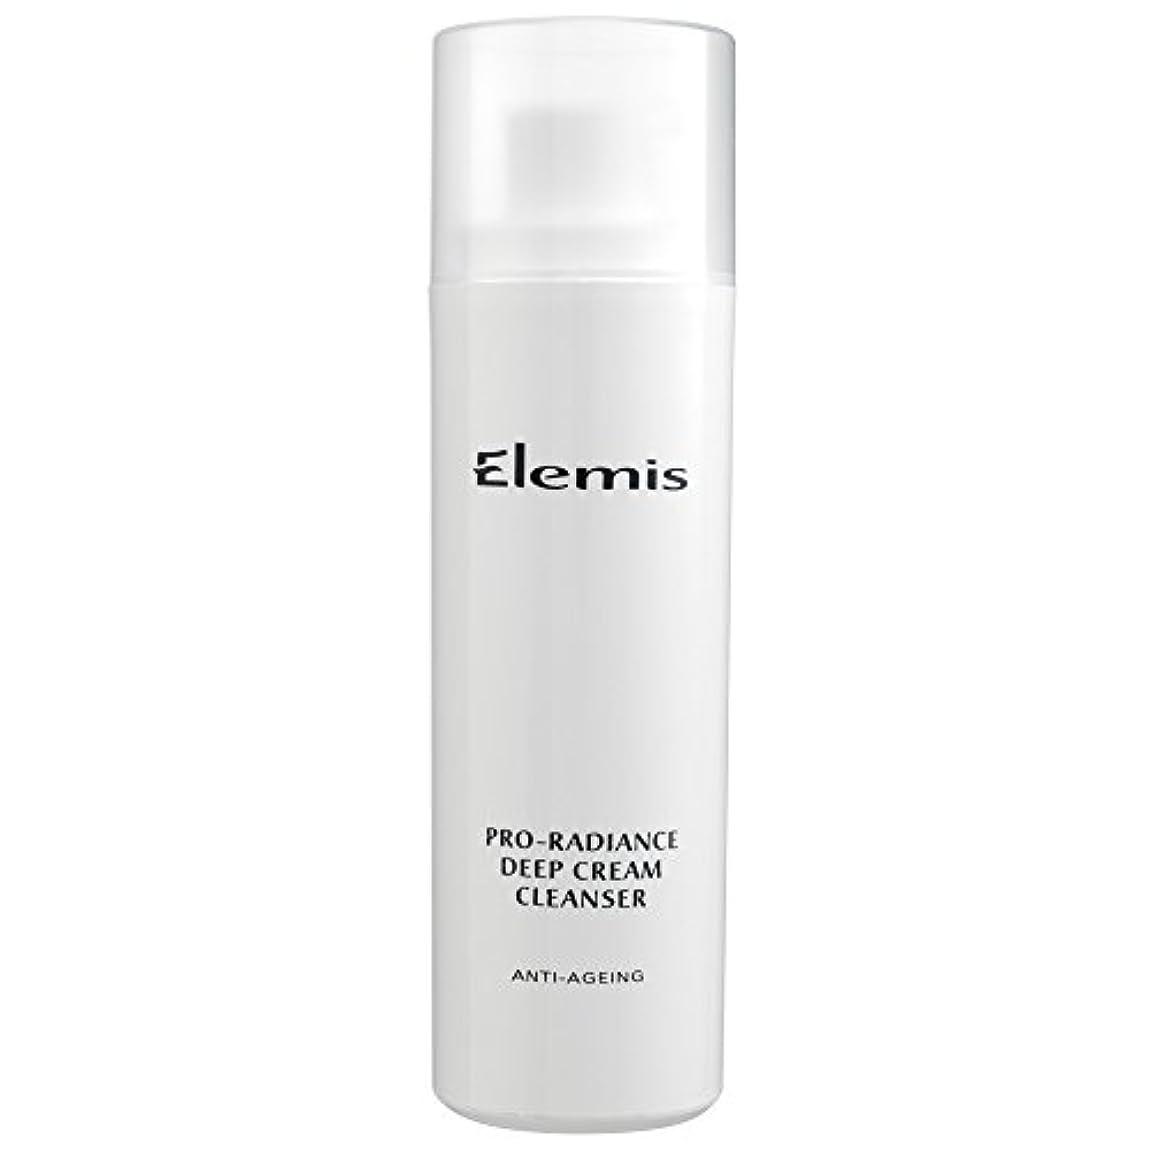 ネストカレンダーキャッチエレミスプロ輝きクリームクレンザー、150ミリリットル (Elemis) (x2) - Elemis Pro-Radiance Cream Cleanser, 150ml (Pack of 2) [並行輸入品]